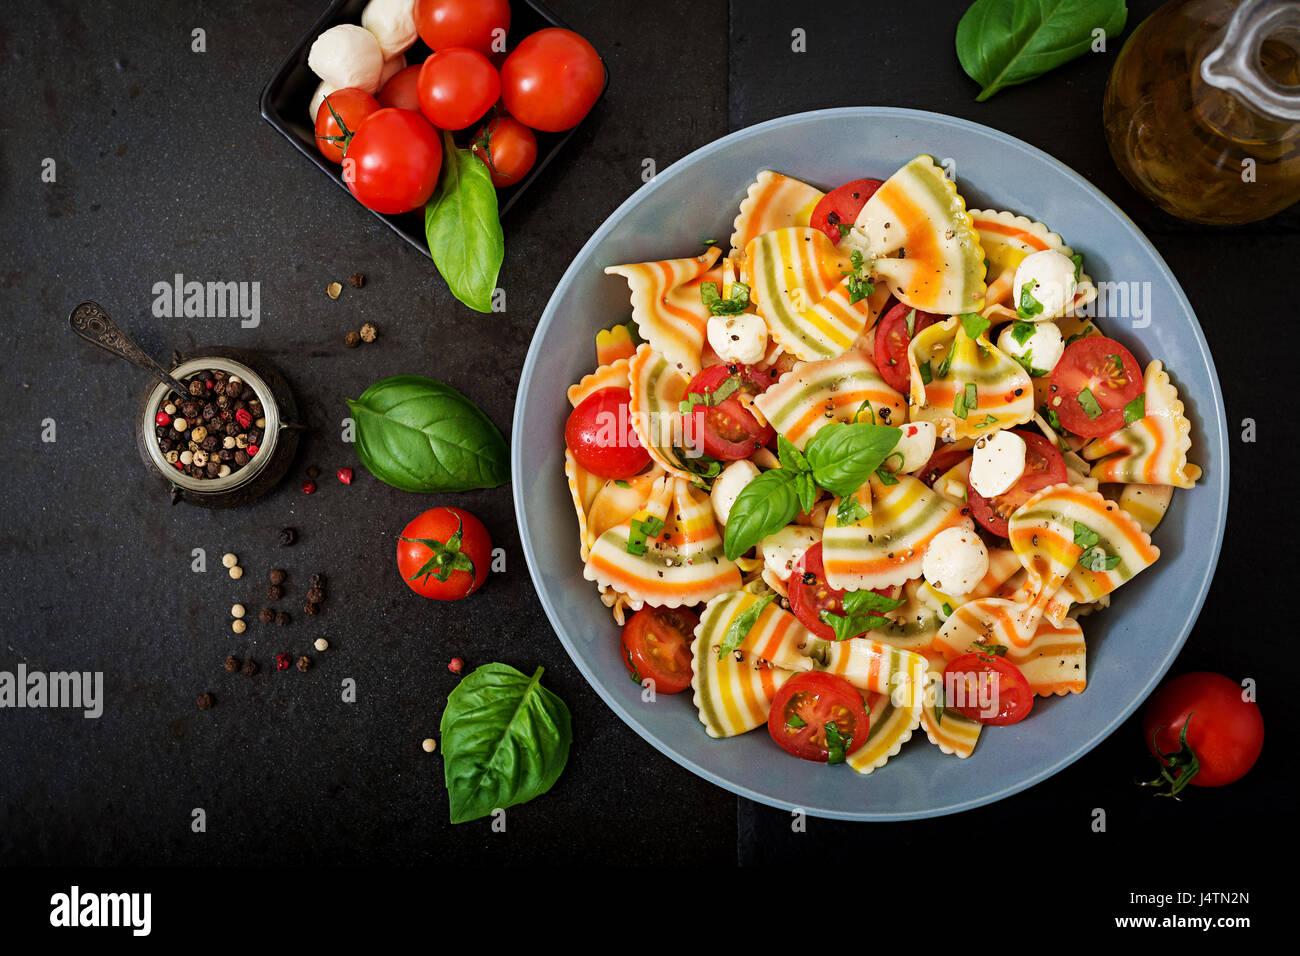 Salade de farfalle aux couleurs de pâtes aux tomates, mozzarella et basilic. Photo Stock